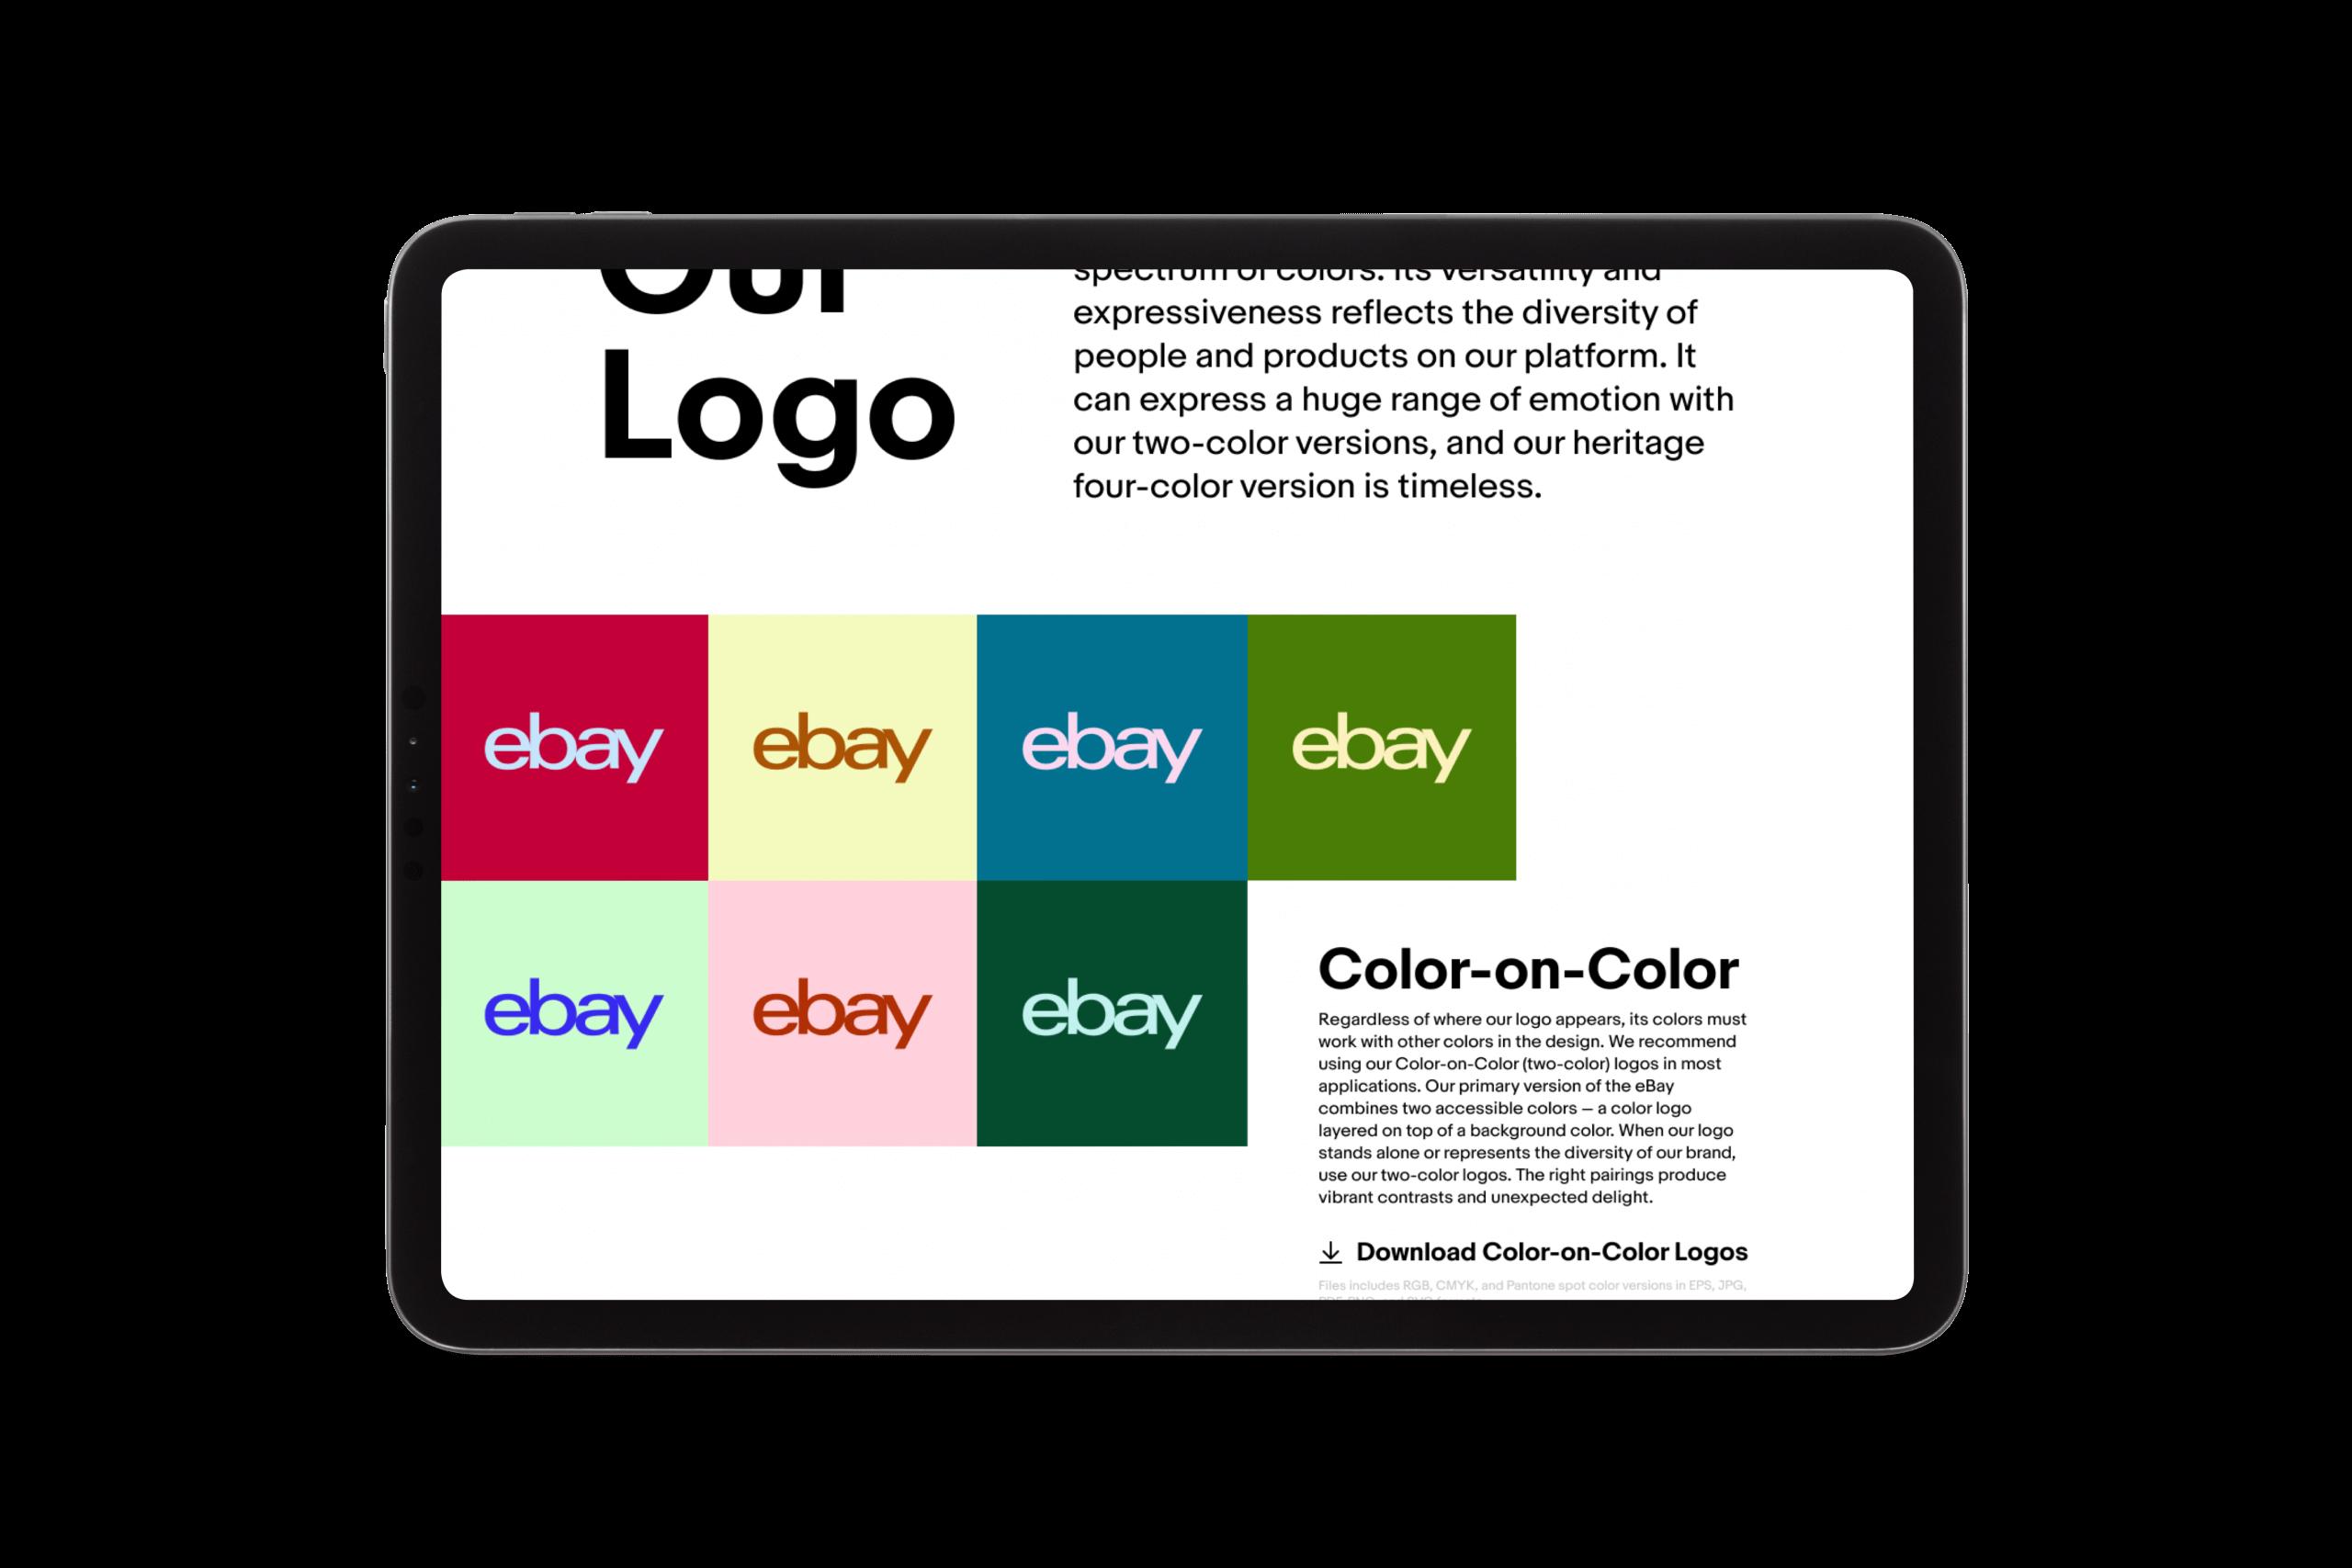 eBay guidelines